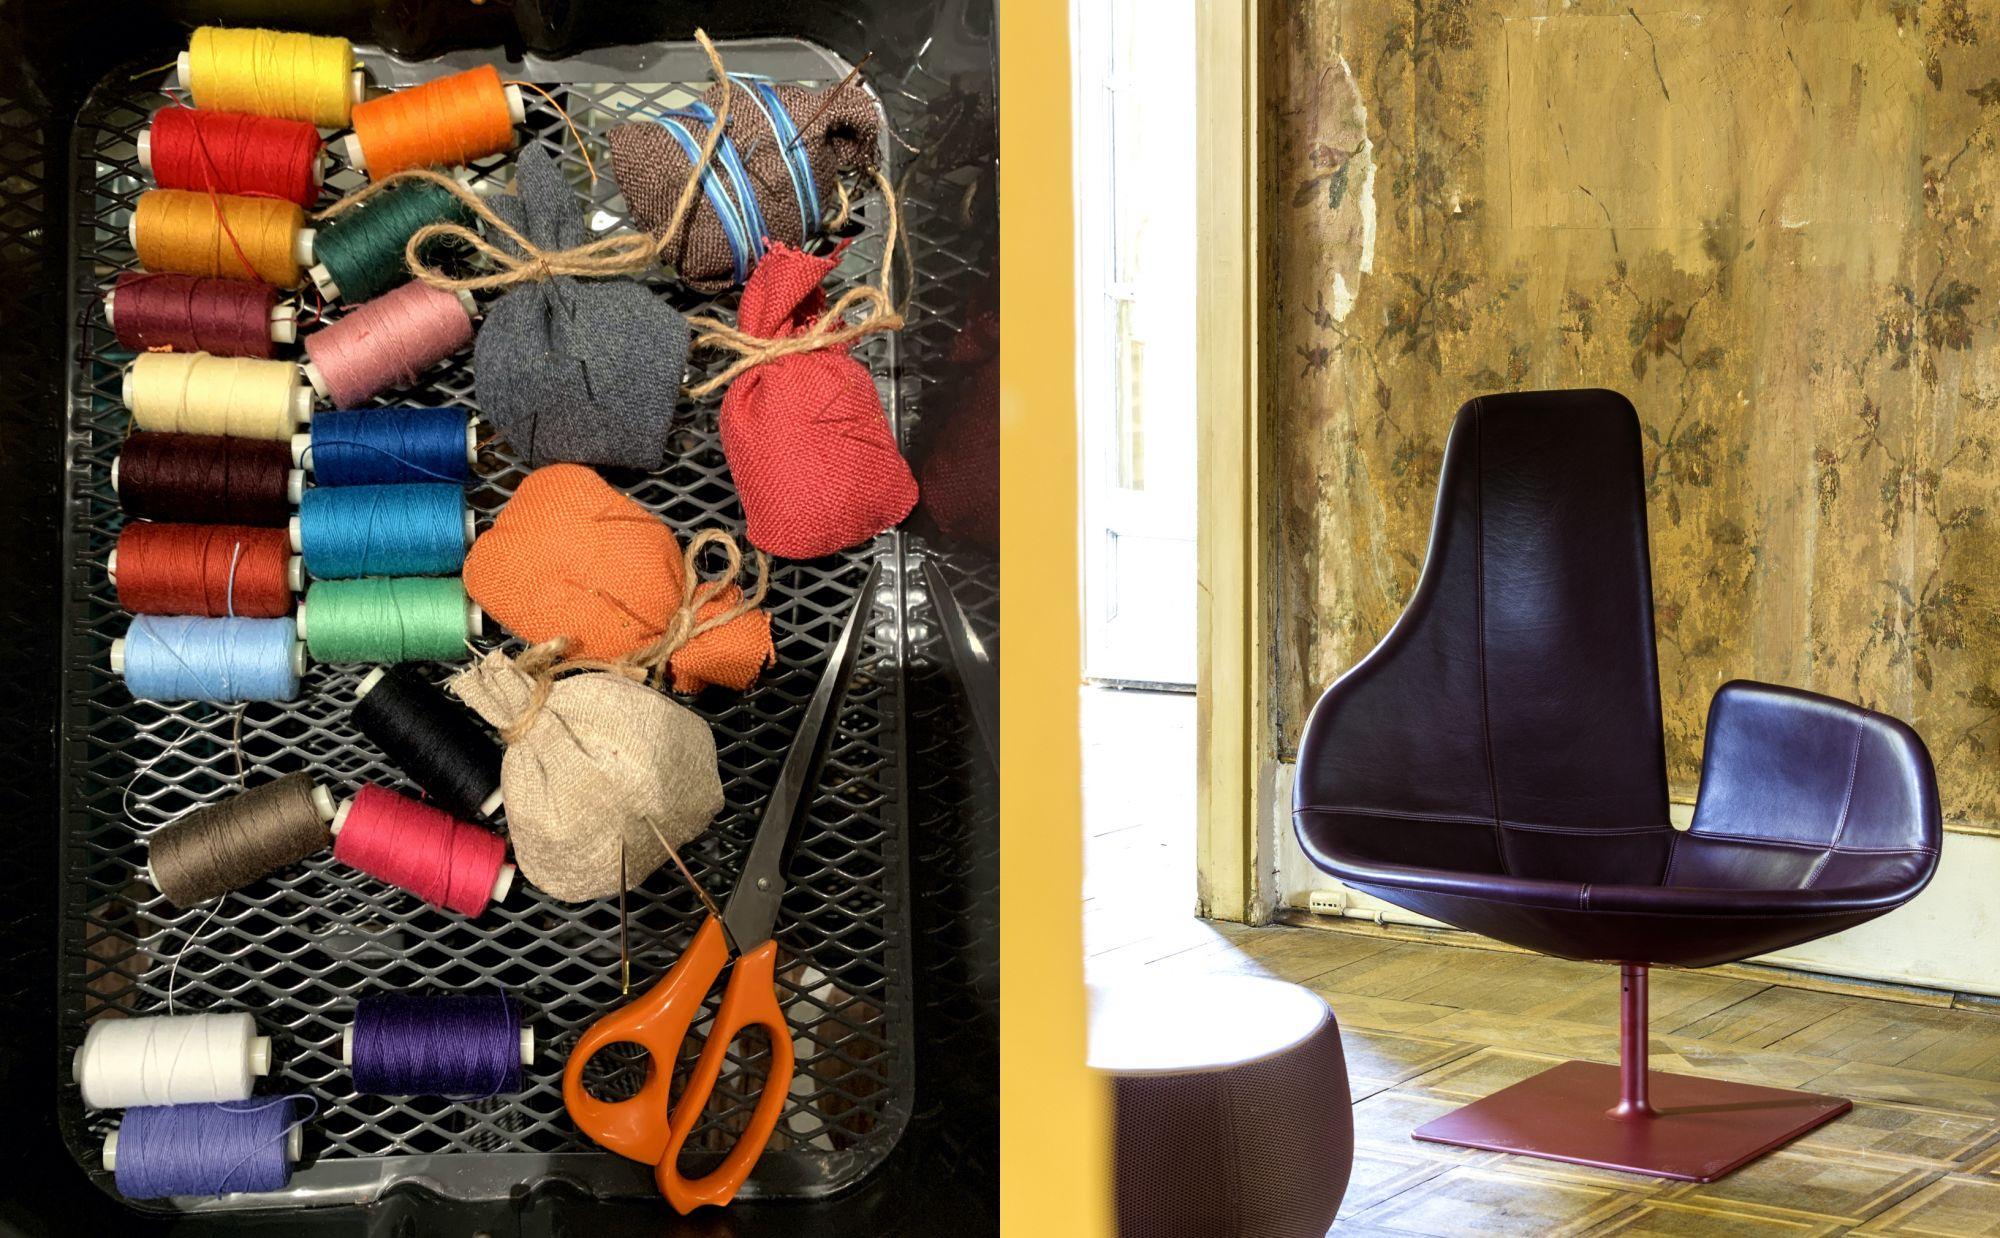 全台25位首席室內設計師齊聚一堂發揮創意!「家具界的高級訂製服」Moroso小椅子創作活動在寬庭